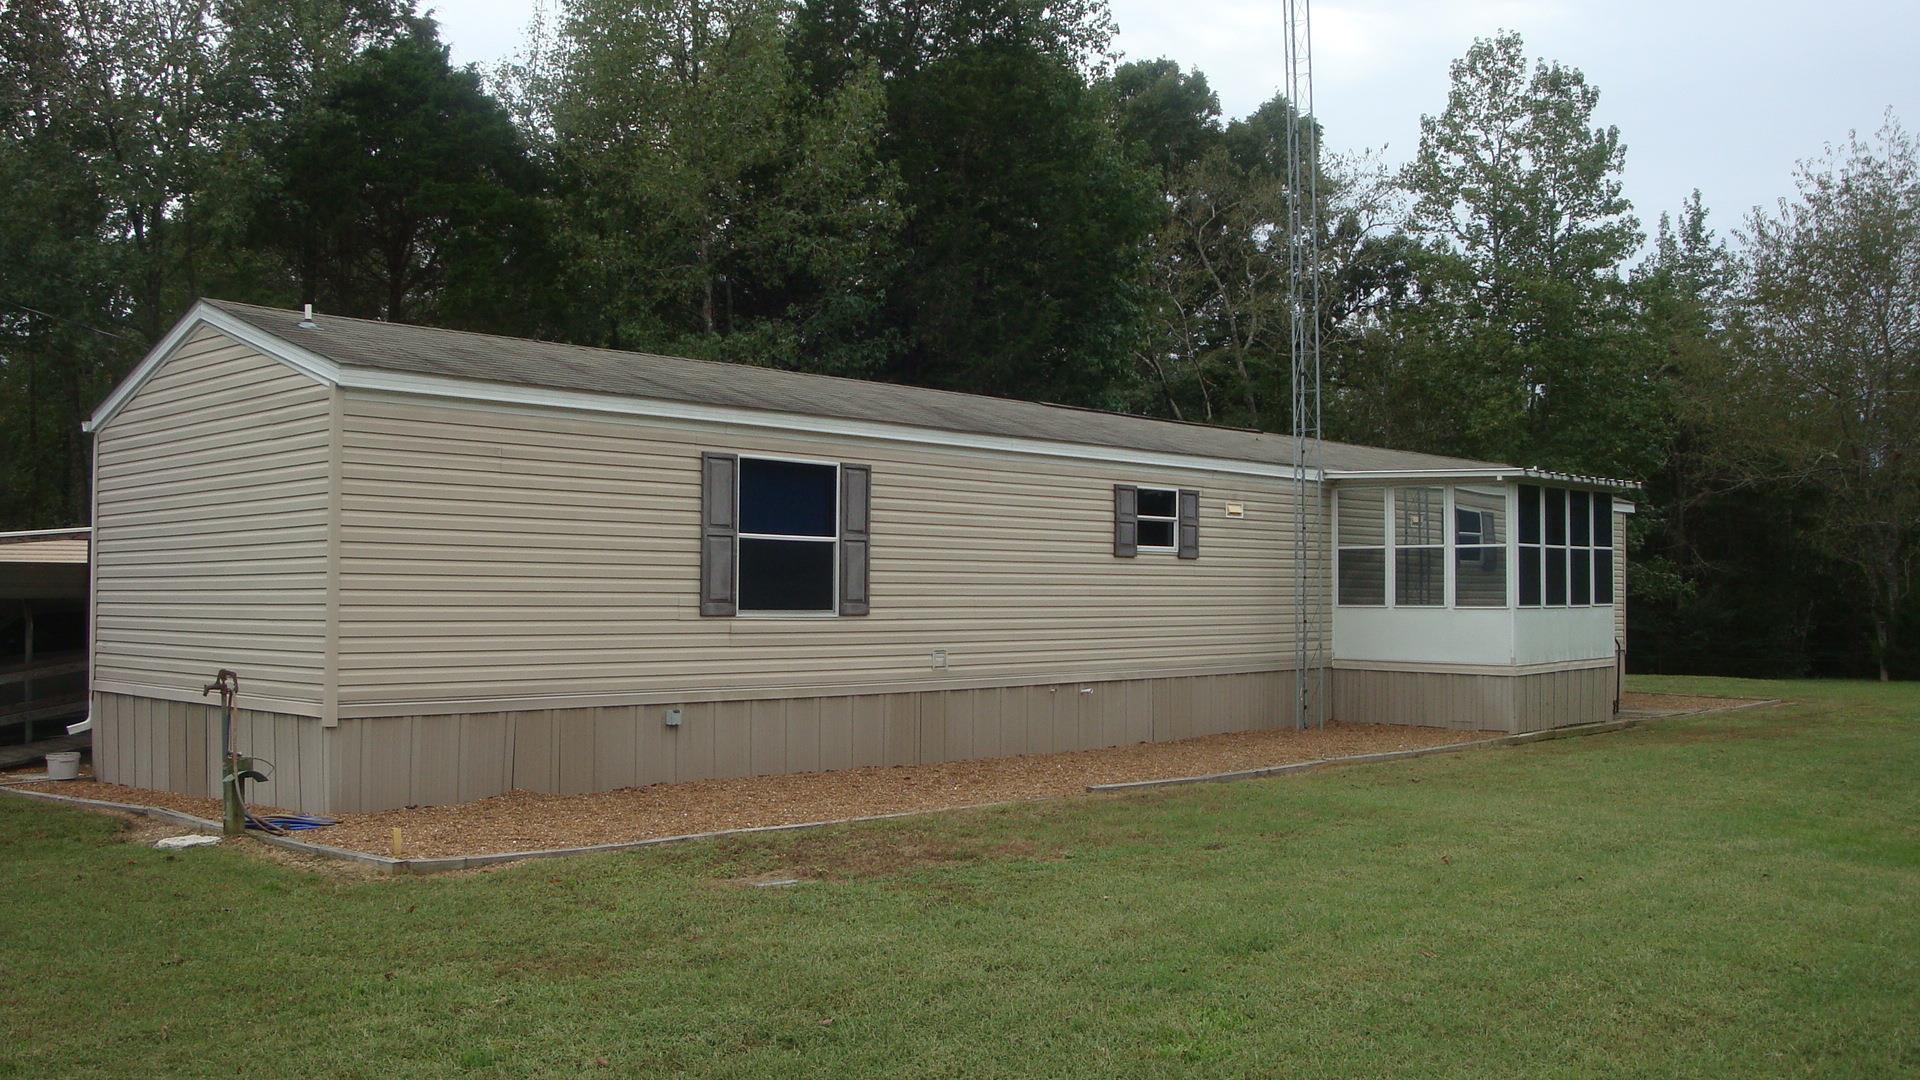 348 Horseshoe Bend Rd, Linden, TN 37096 - Linden, TN real estate listing